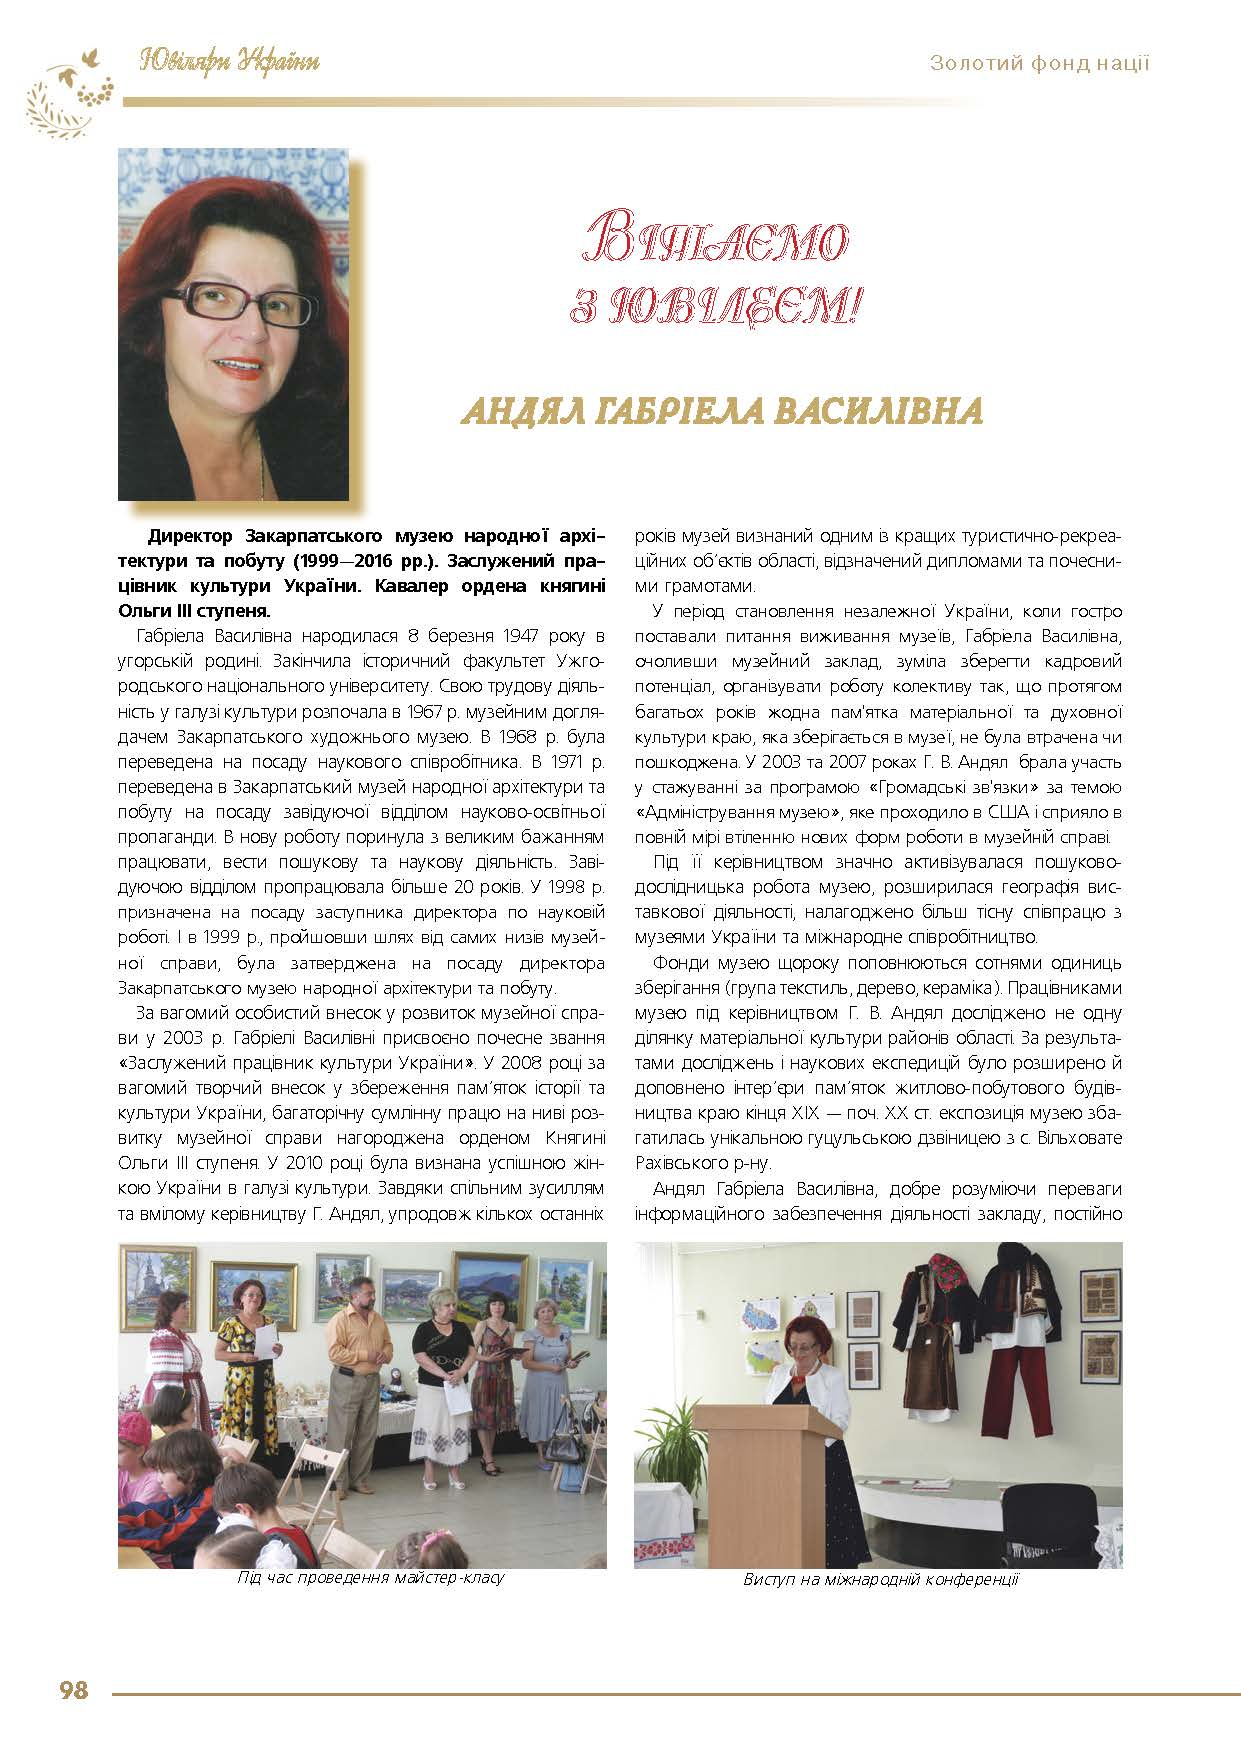 Андял Габріела Василівна